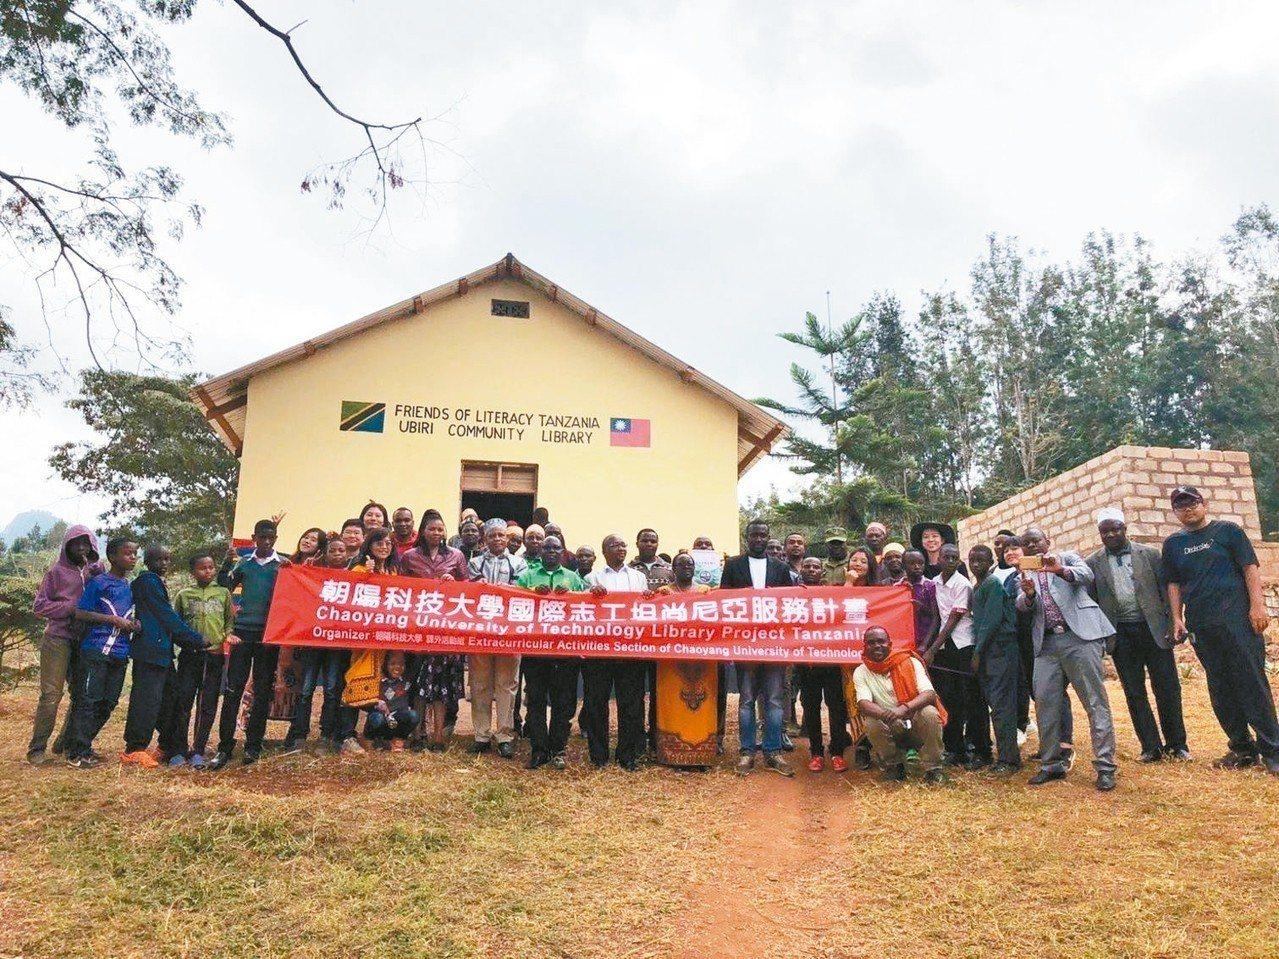 朝陽科大國際志工遠赴非洲坦尚尼亞服務,獲國際肯定。 圖/朝陽科大提供